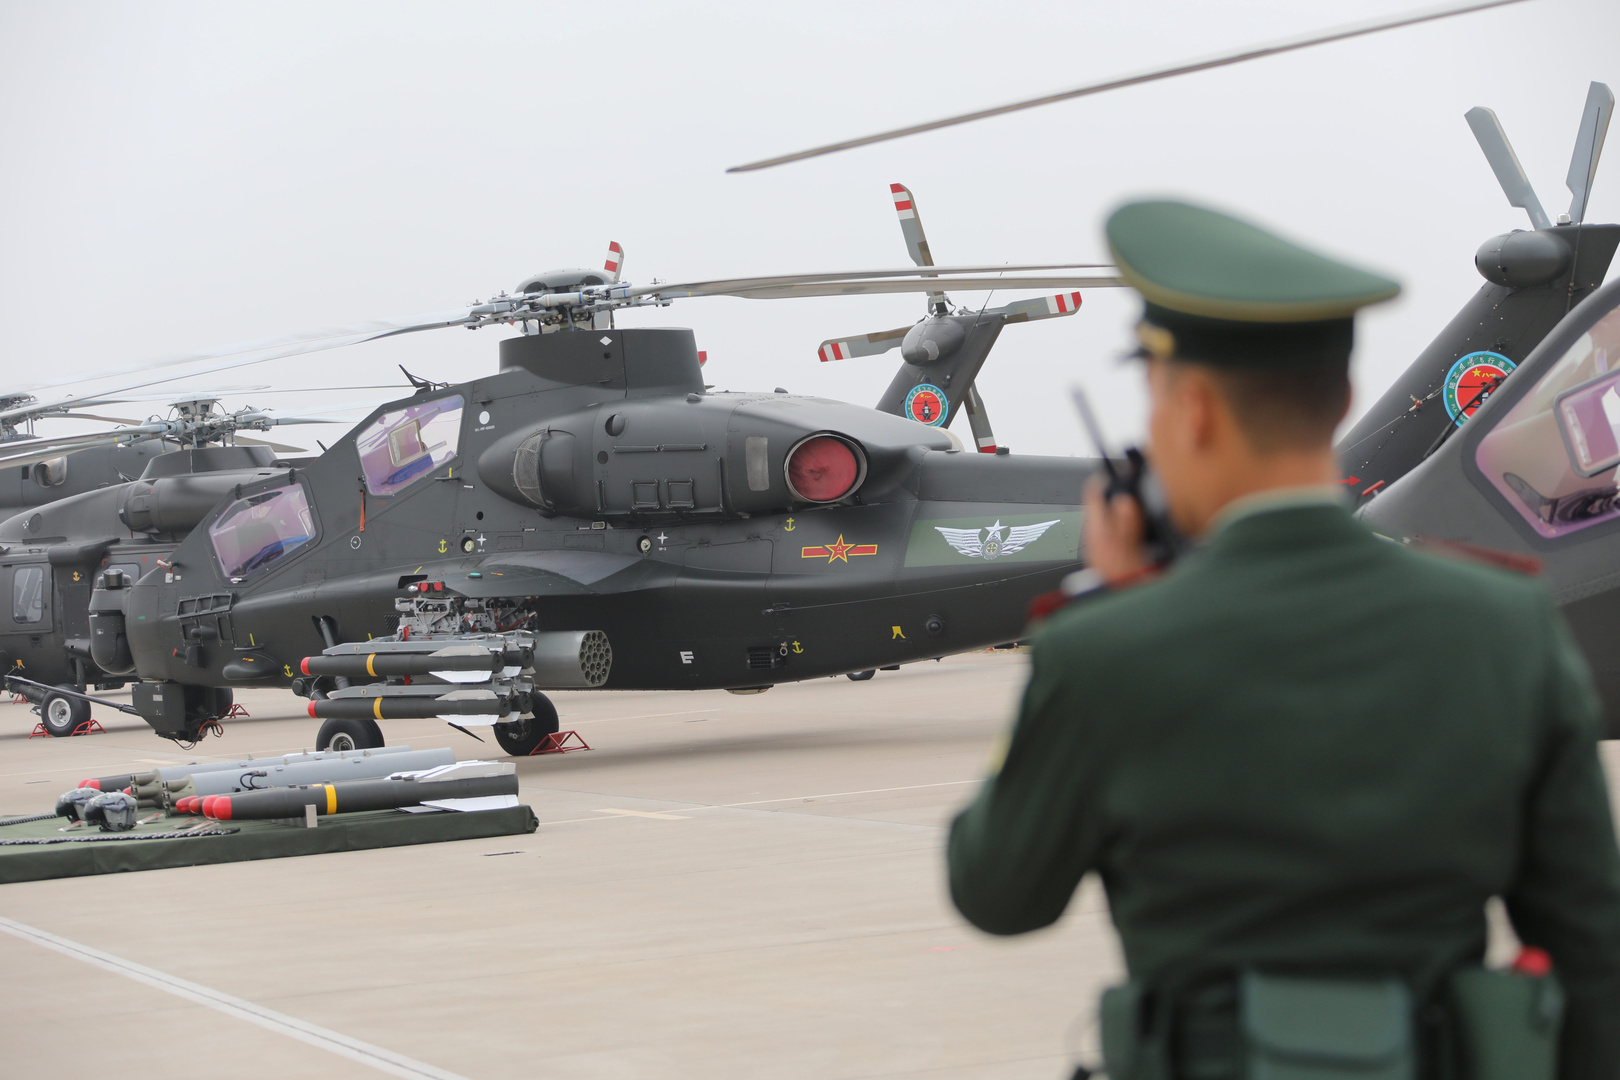 تقرير للكونغرس الأمريكي: الجيش الصيني حقق قفزات واسعة على صعيد الأسلحة النوعية